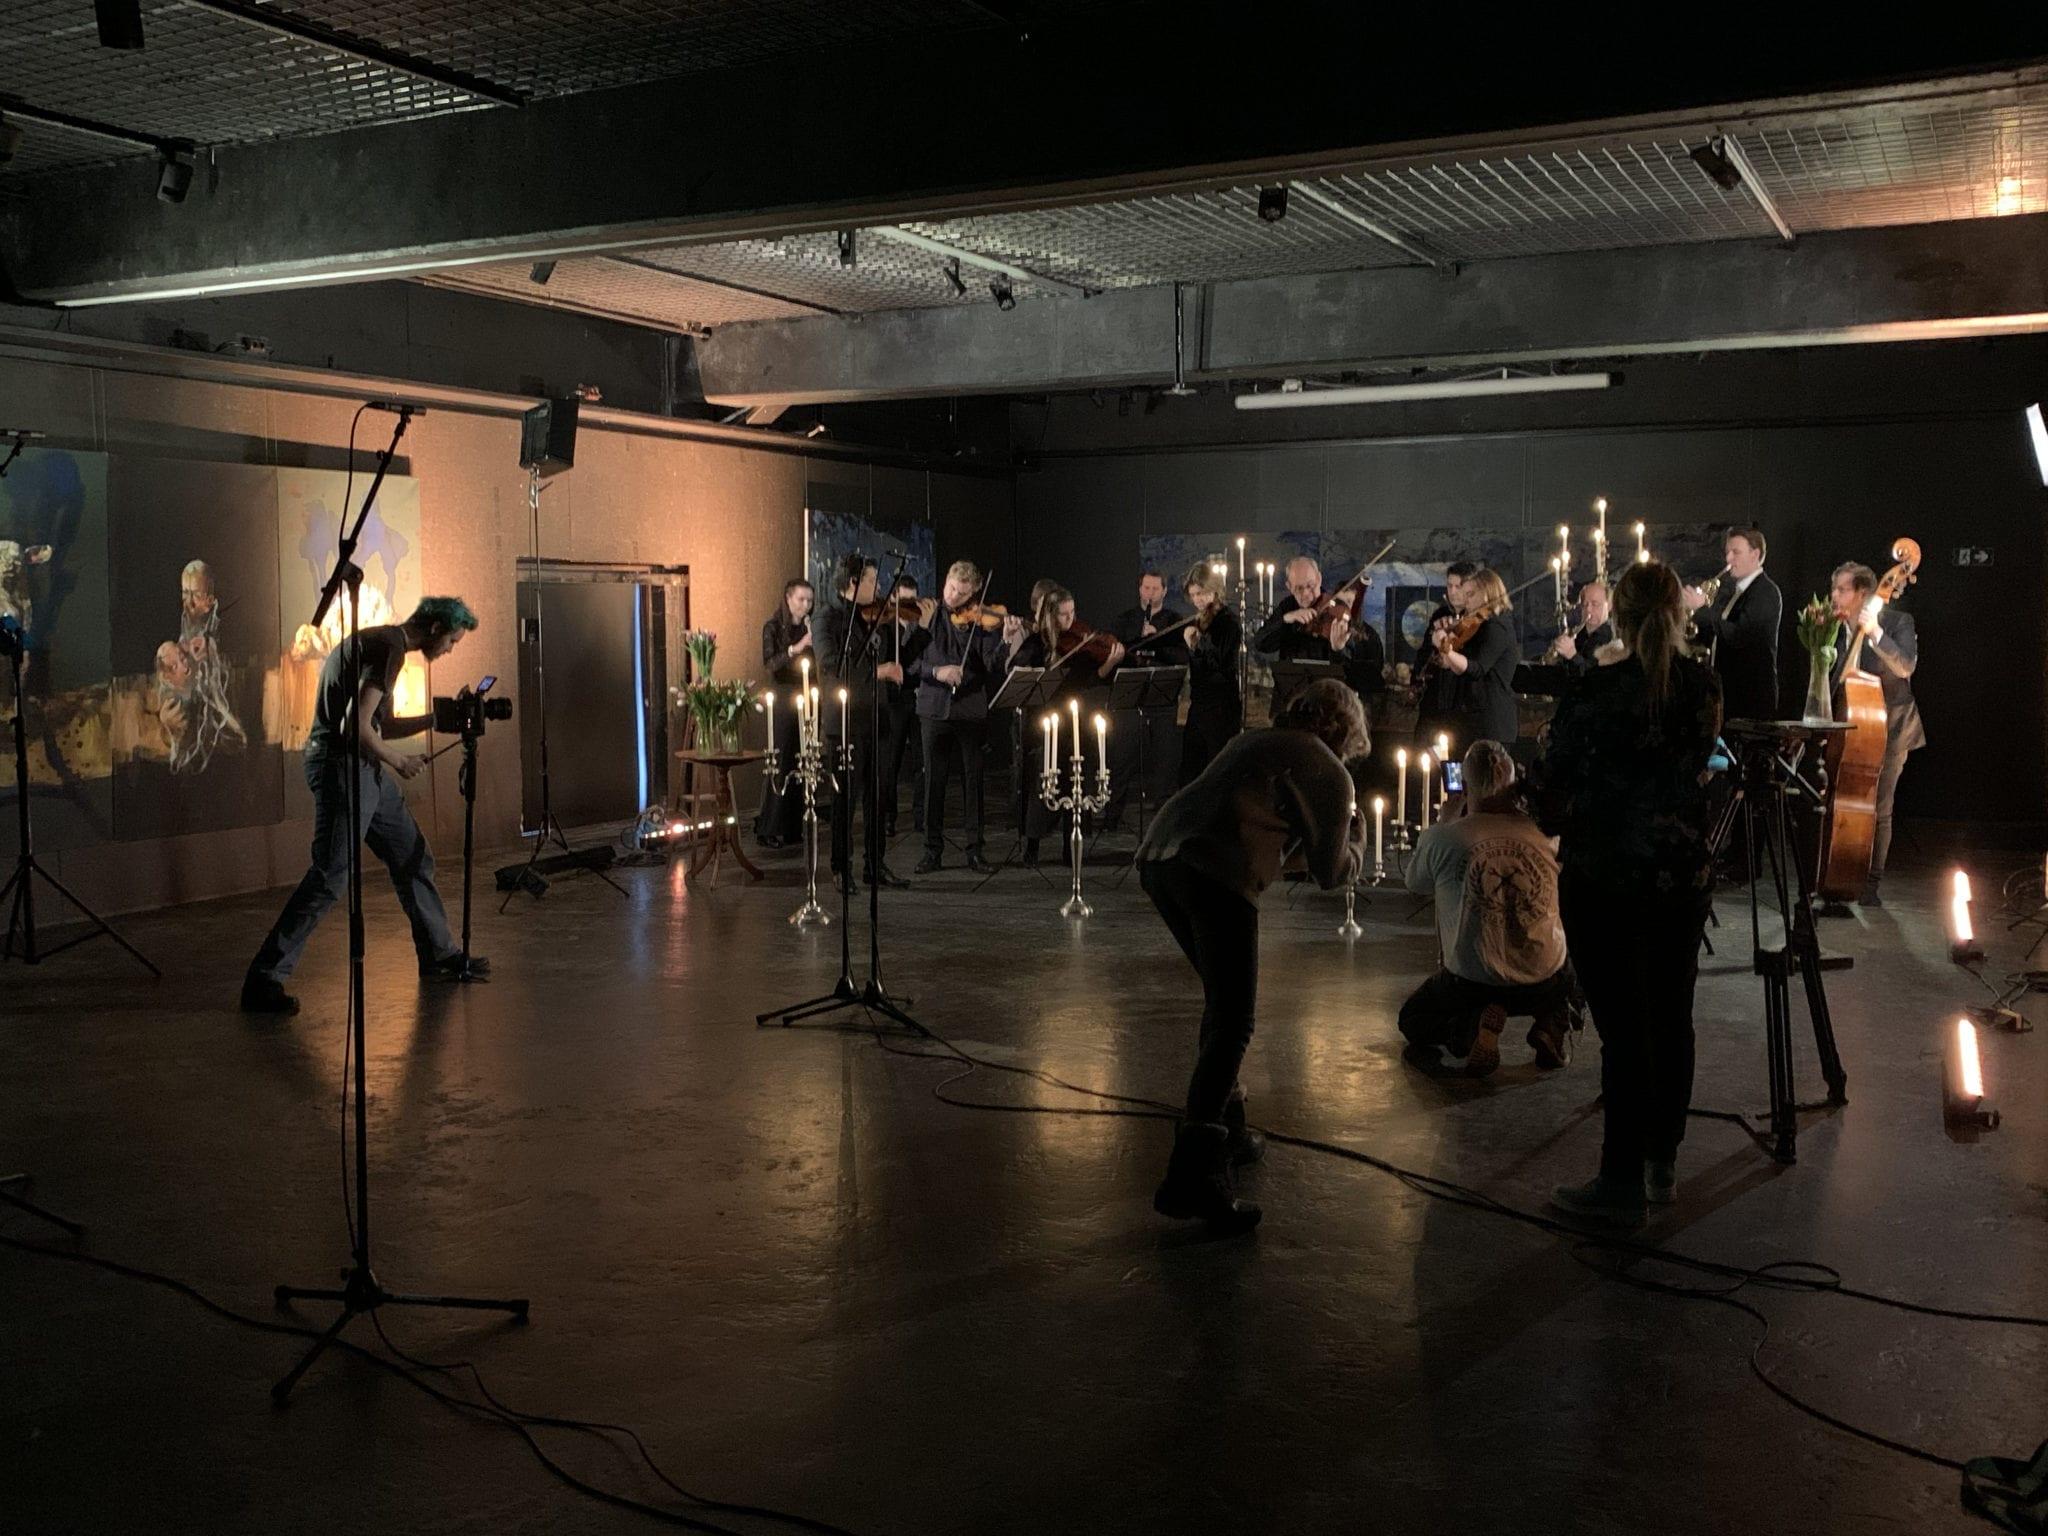 I tett samarbeid med Vinterfestspill har vi utviklet et kommunikasjonskonsept basert på alt det som skjer i møter mellom kammermusikk, lydhøre mennesker og Røros i en årstid ingen andre har. Foto: Ren Røros Frontal.